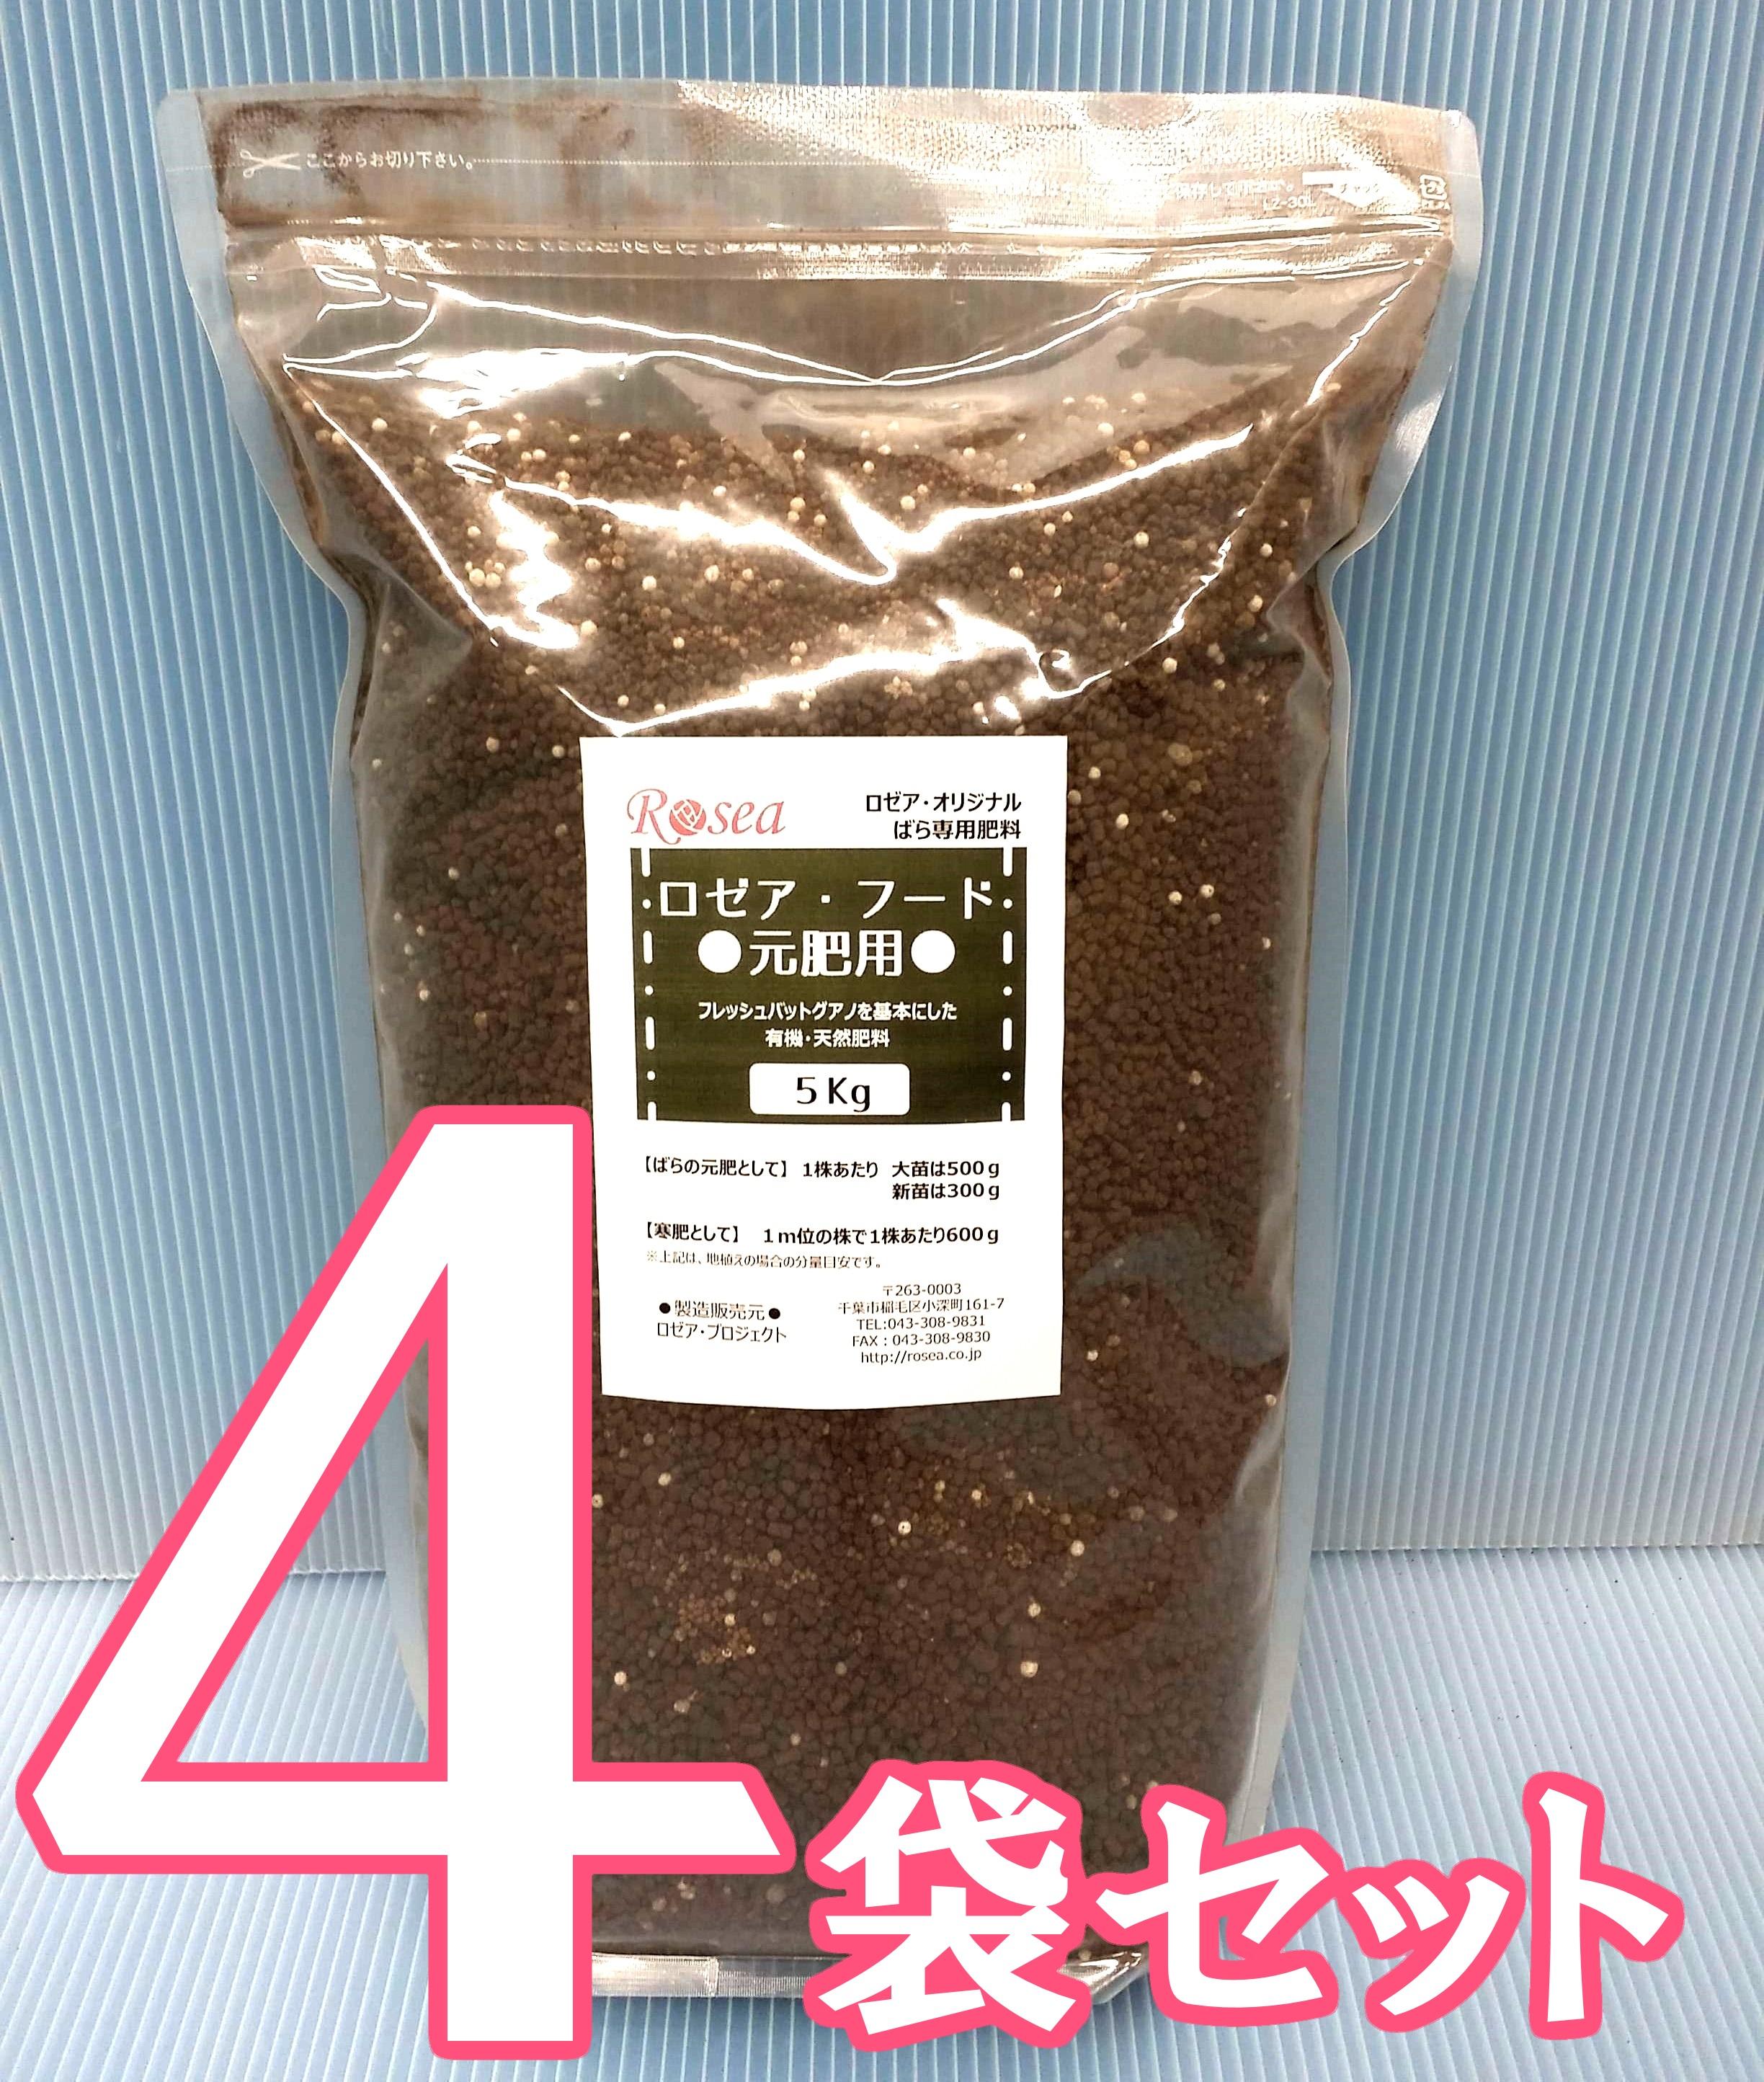 ロゼア・フード 【元肥用】 5kg × 4袋セット  【送料無料】 ばらの肥料